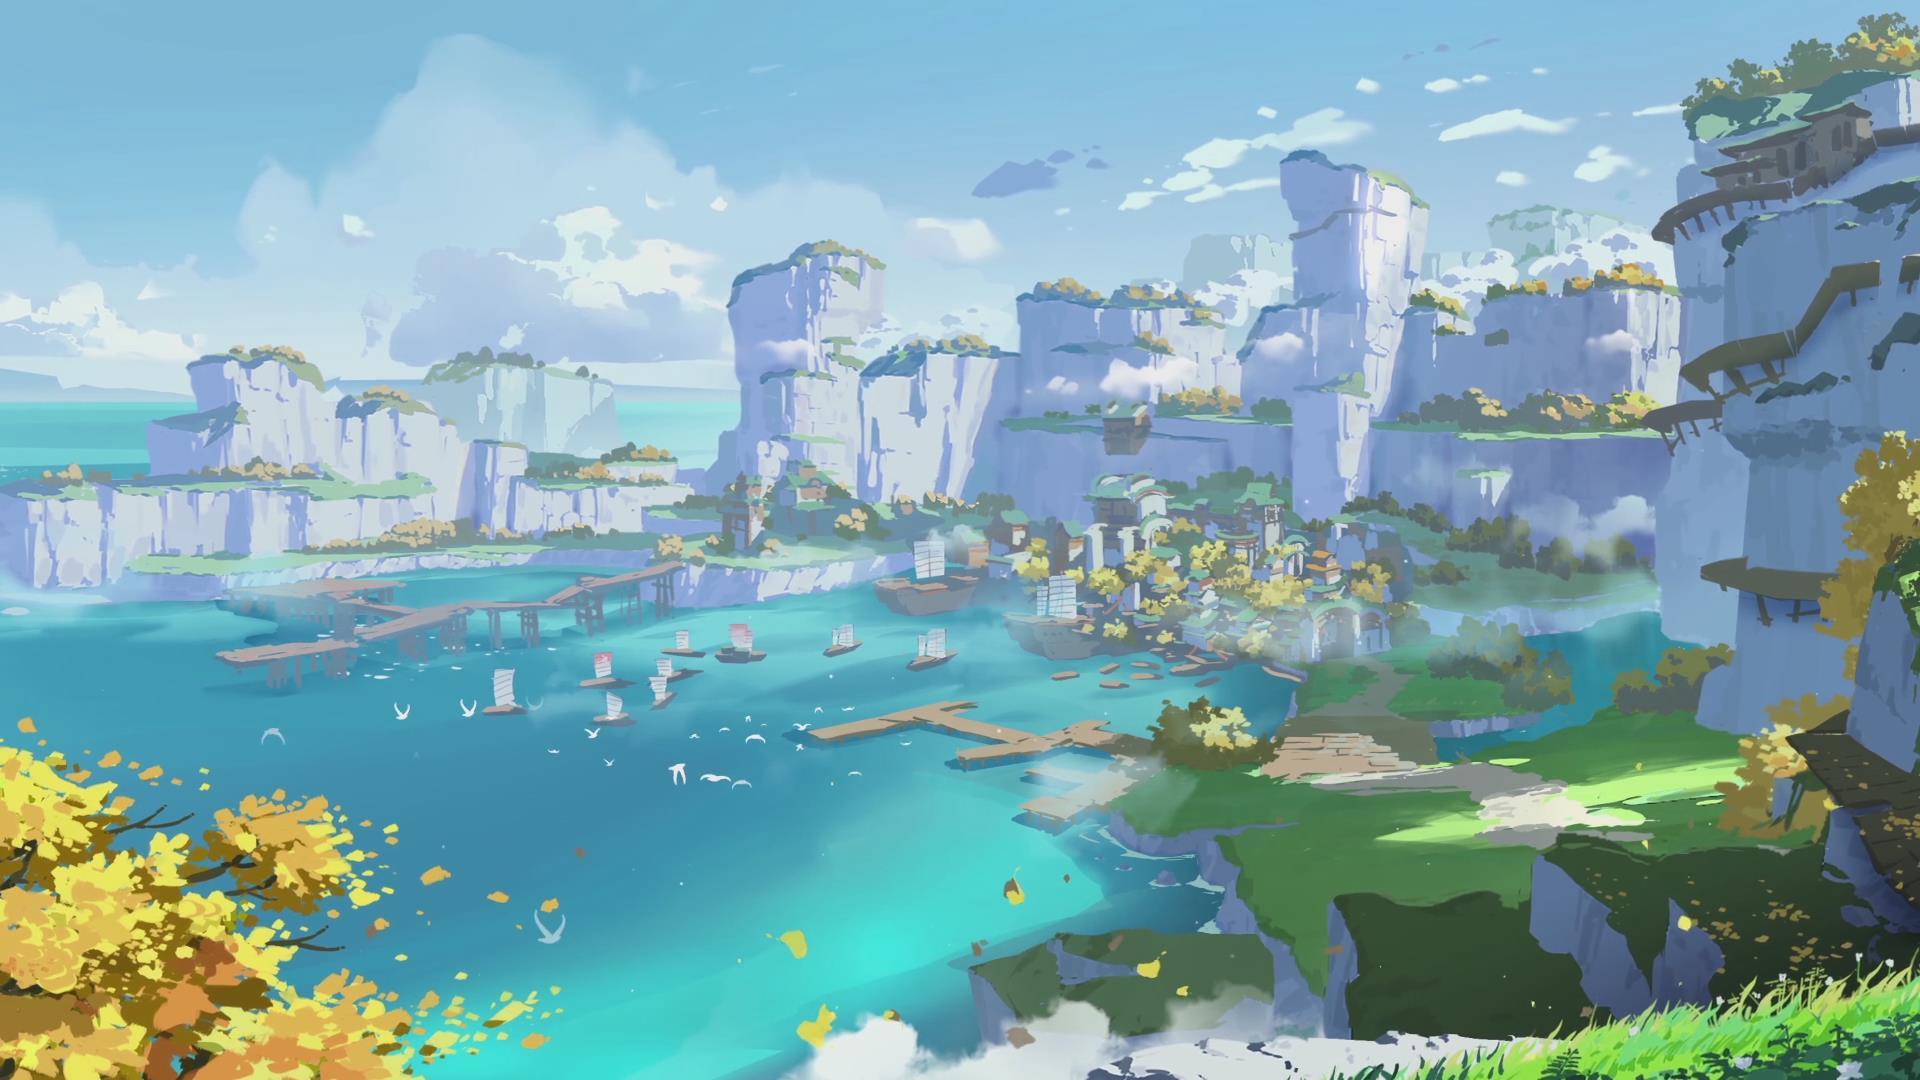 《原神》將於今秋正式登陸PlayStation®4